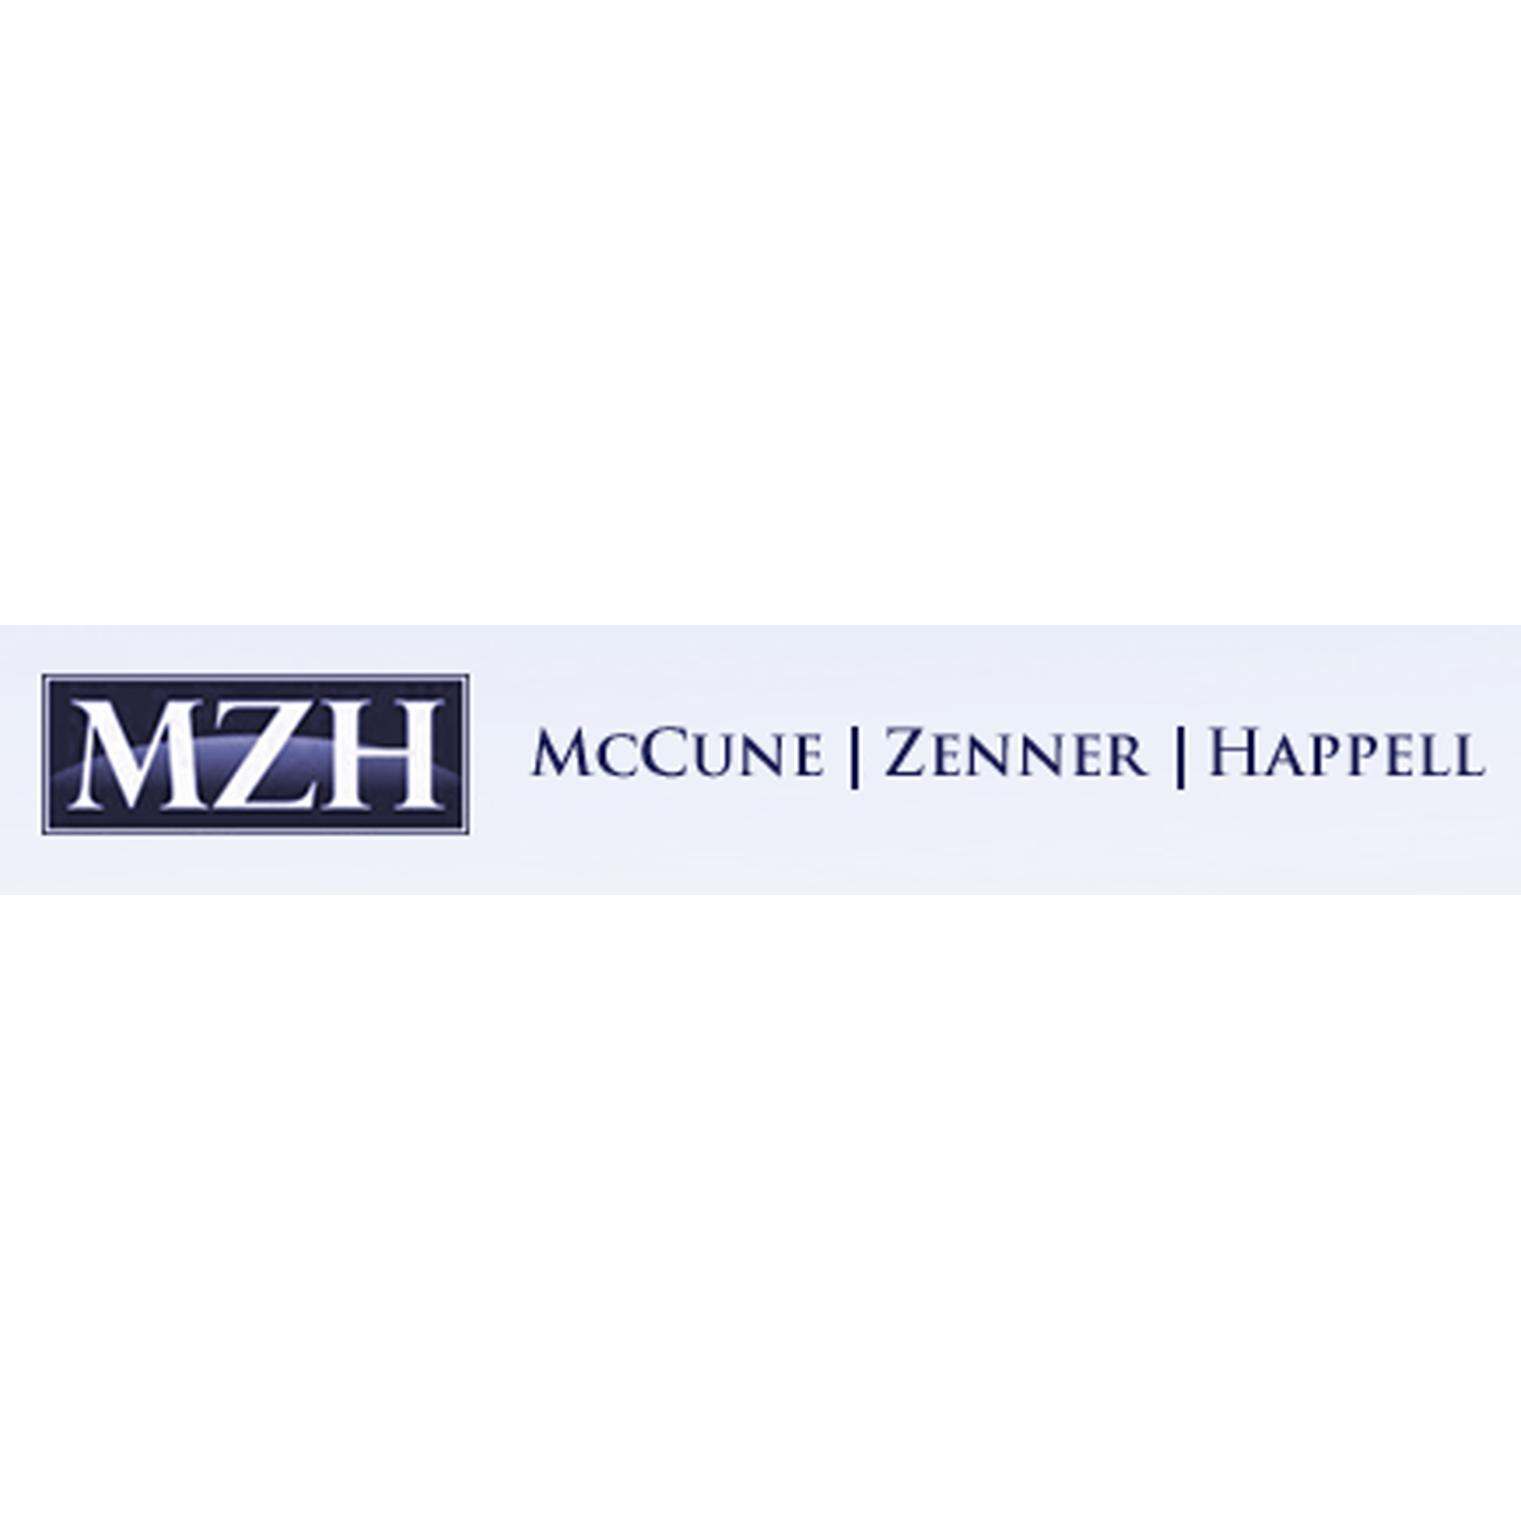 McCune Zenner Happell, PLLC Logo